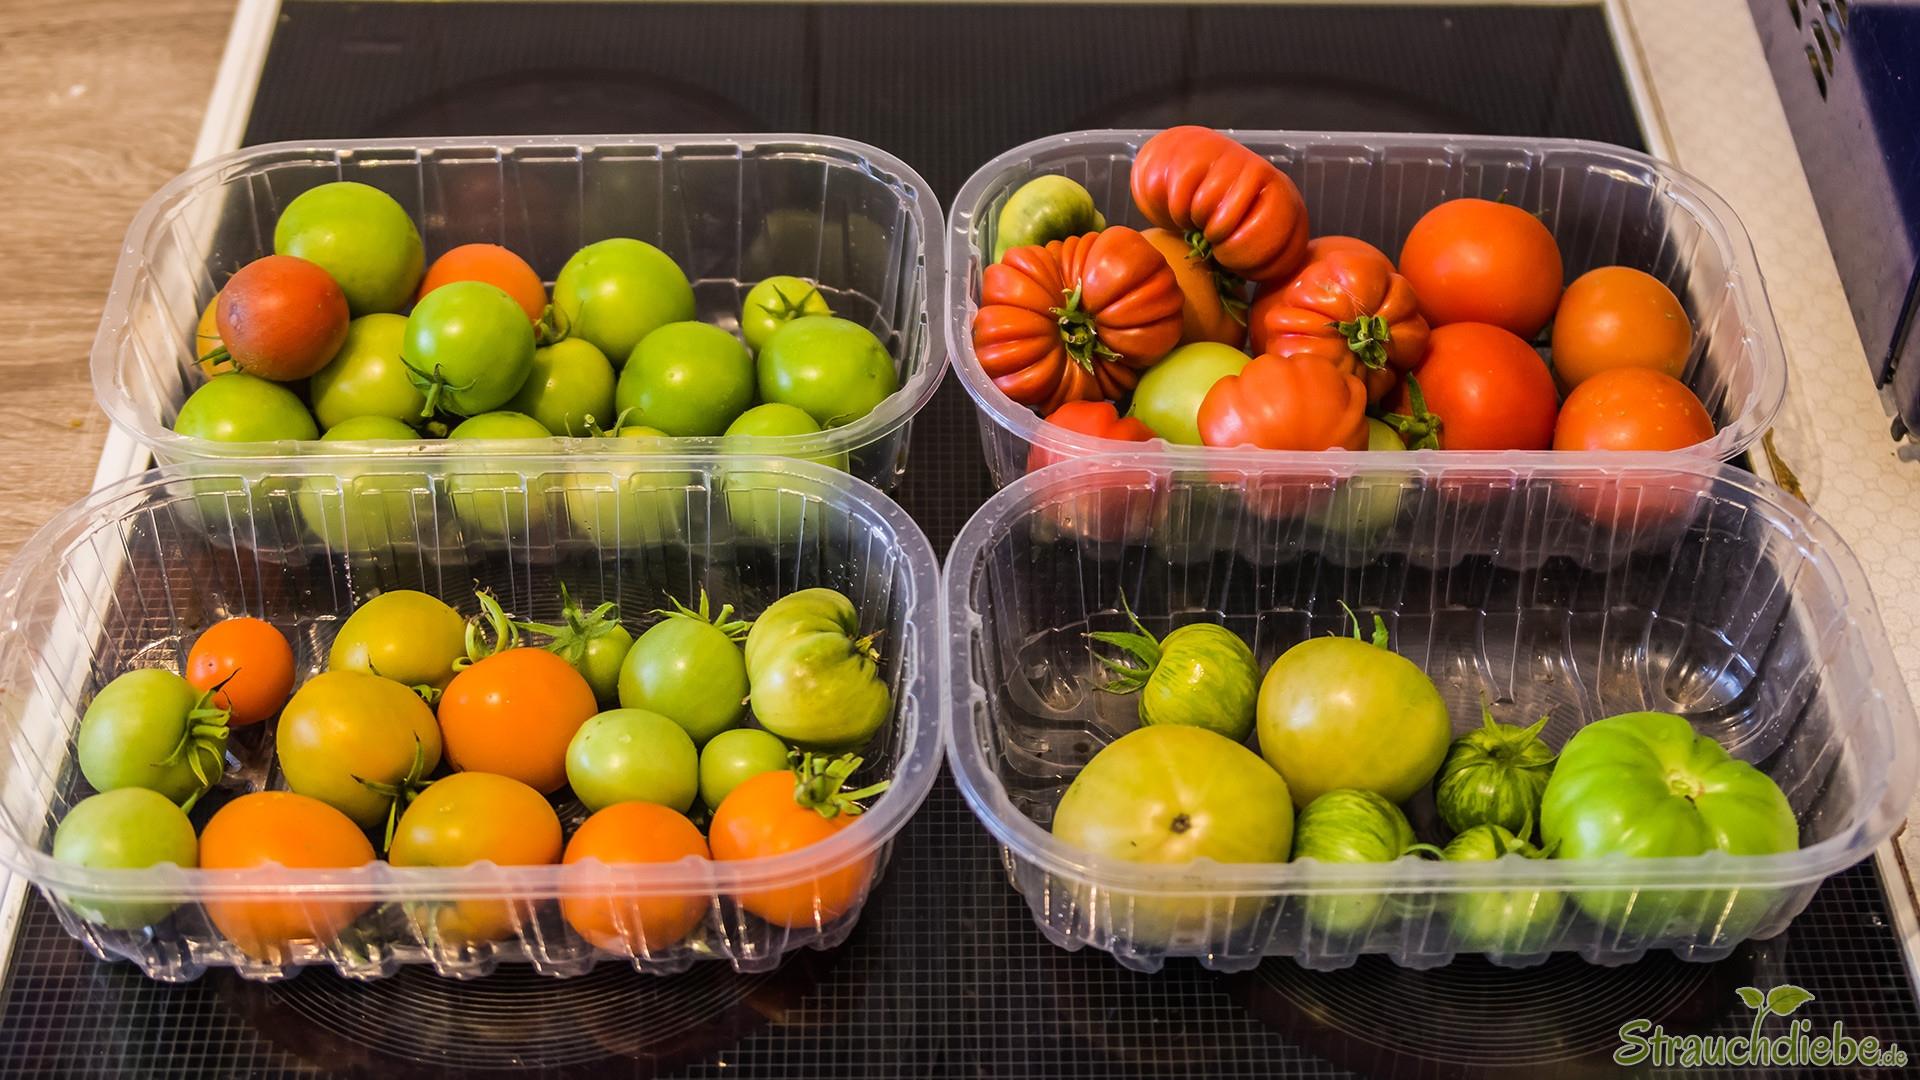 letzte Tomatenernte